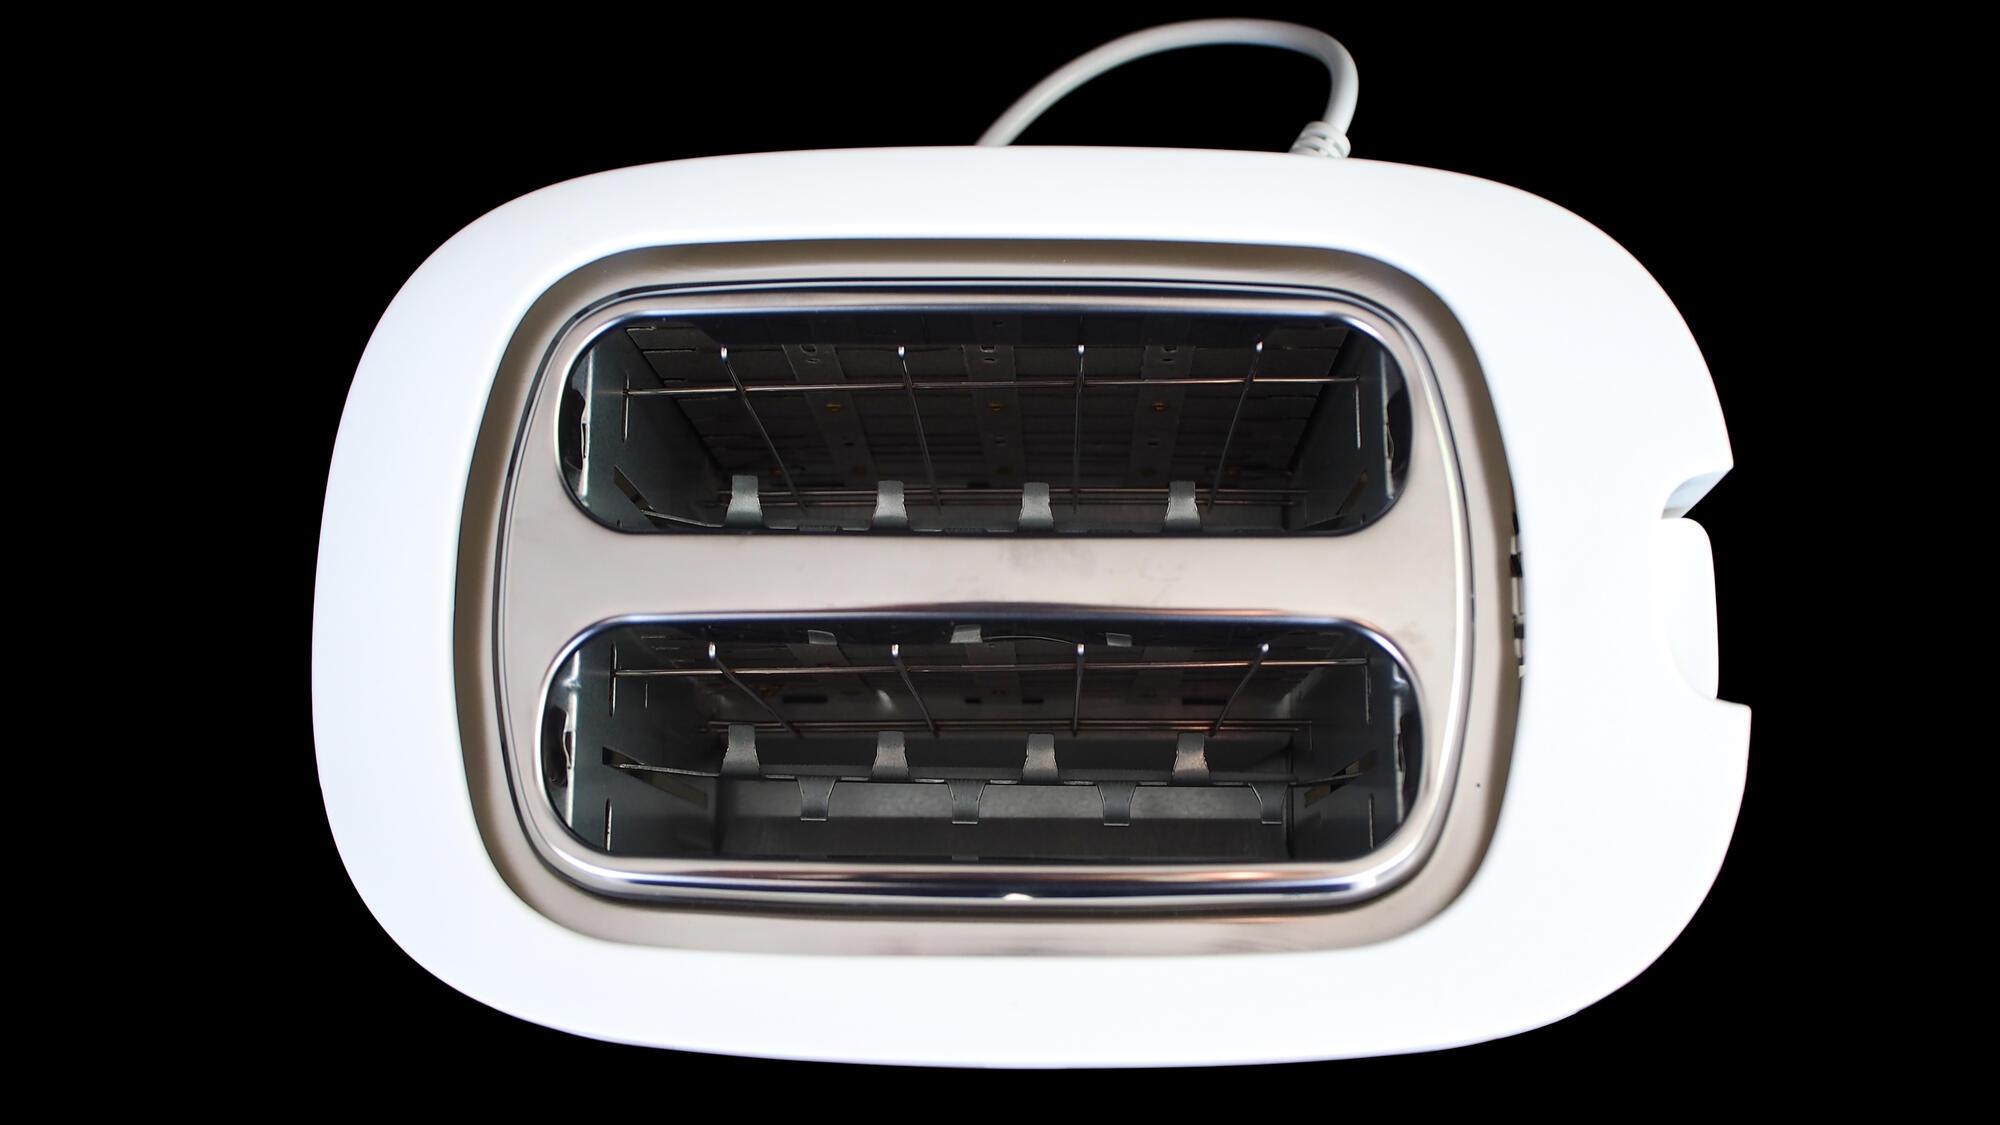 Bytovaya Tehnika - Obzor tostera Philips HD2515/00. Do hrustyashcey korochki